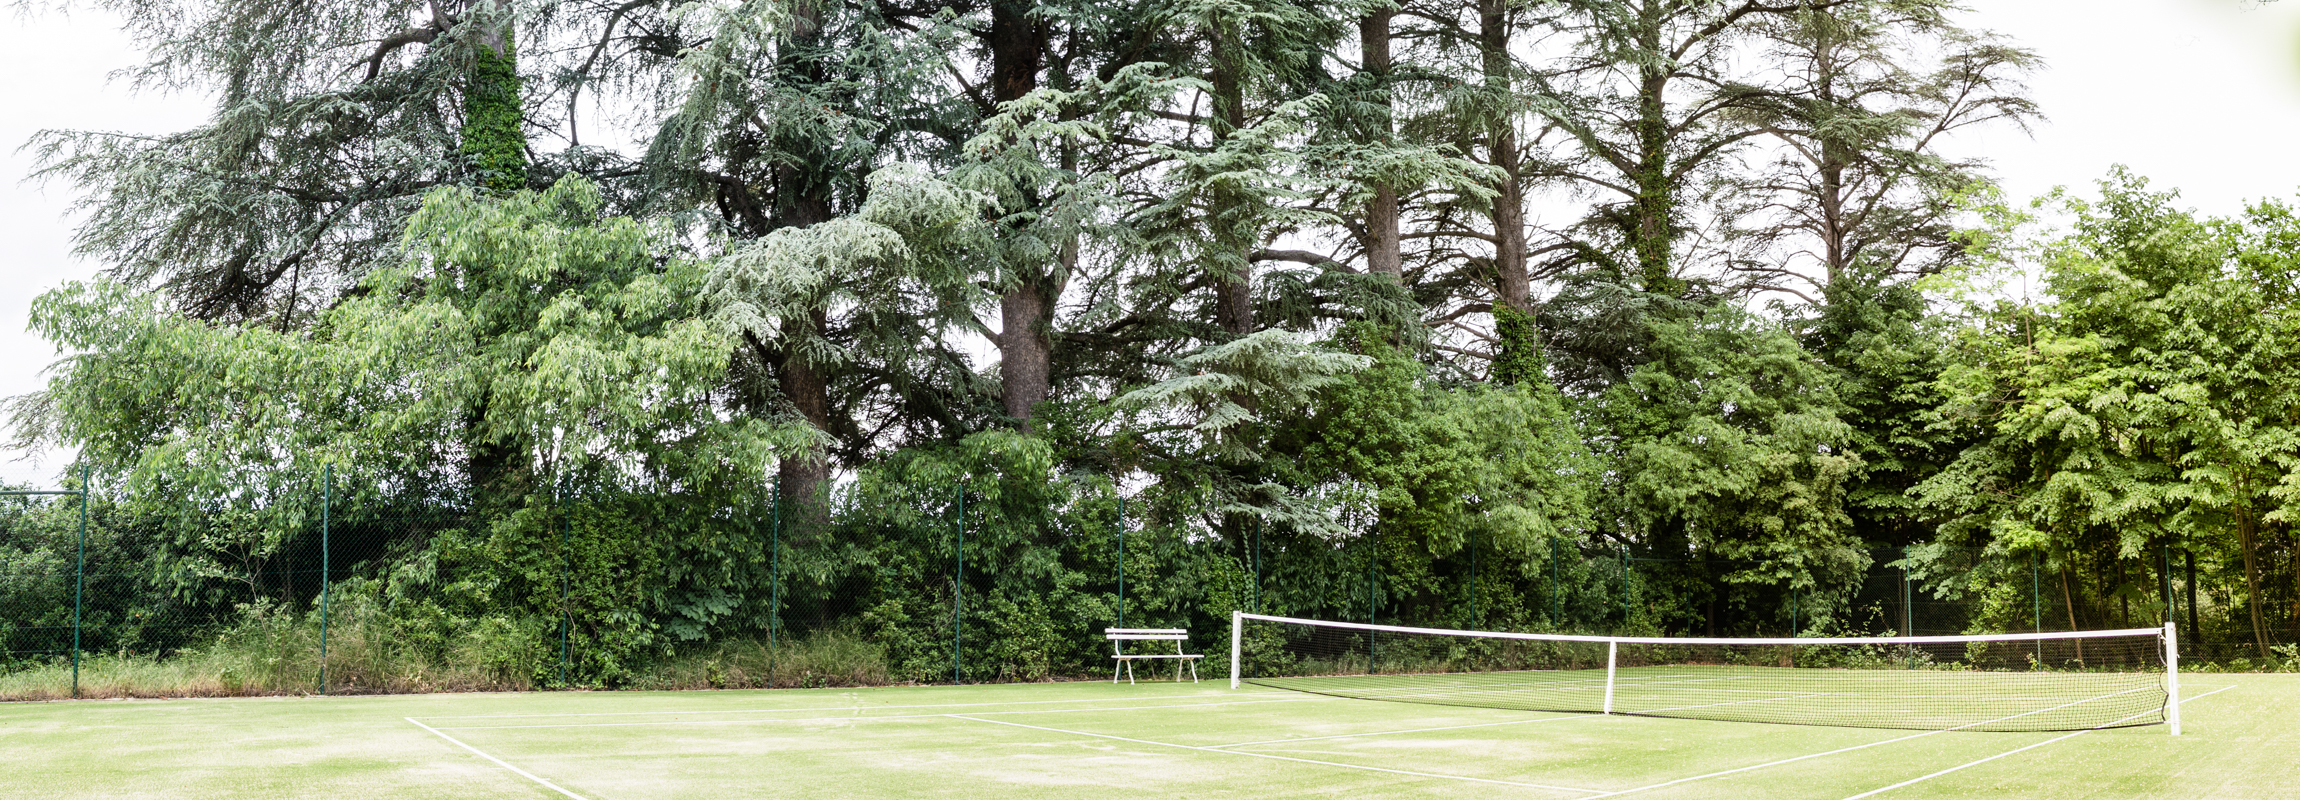 Le court de tennis de l'Hôtel Château de Montcaud (Provence, Sud de la France) se trouve dans l'un des plus beaux coins du parc du château, entouré d'arbres centenaires.